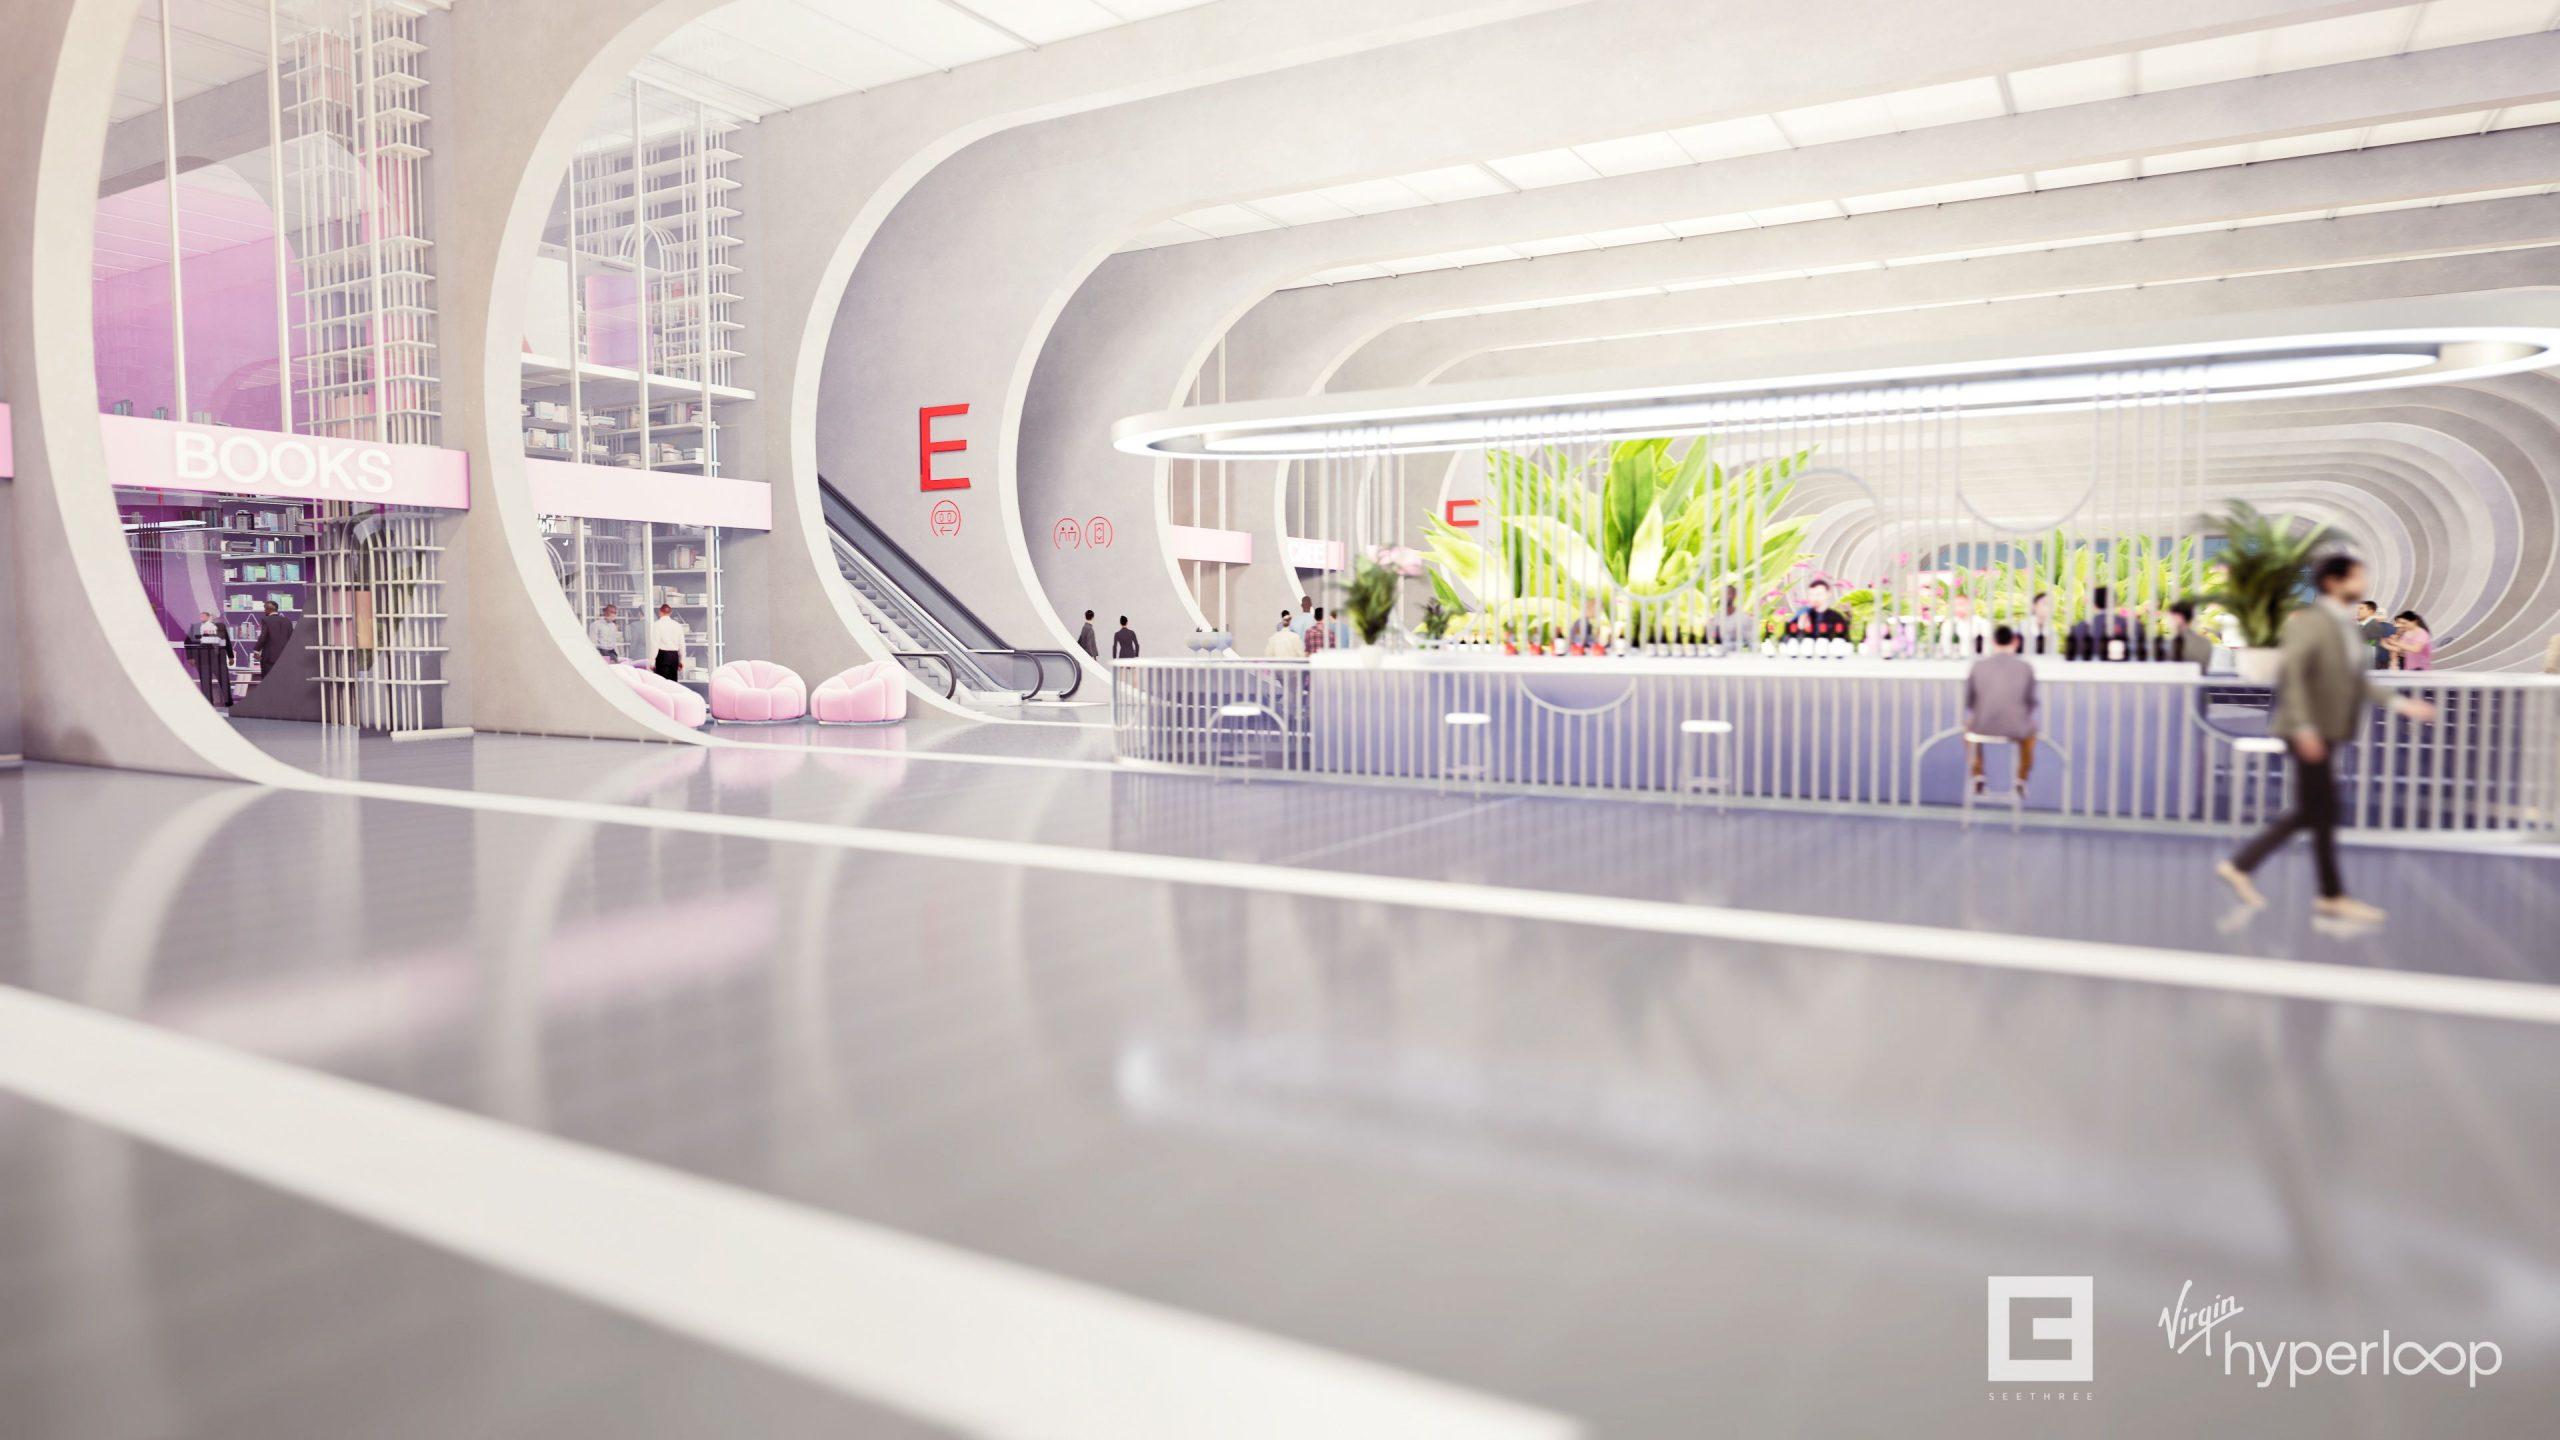 Virgin nos muestra cómo será viajar en su hyperloop 2